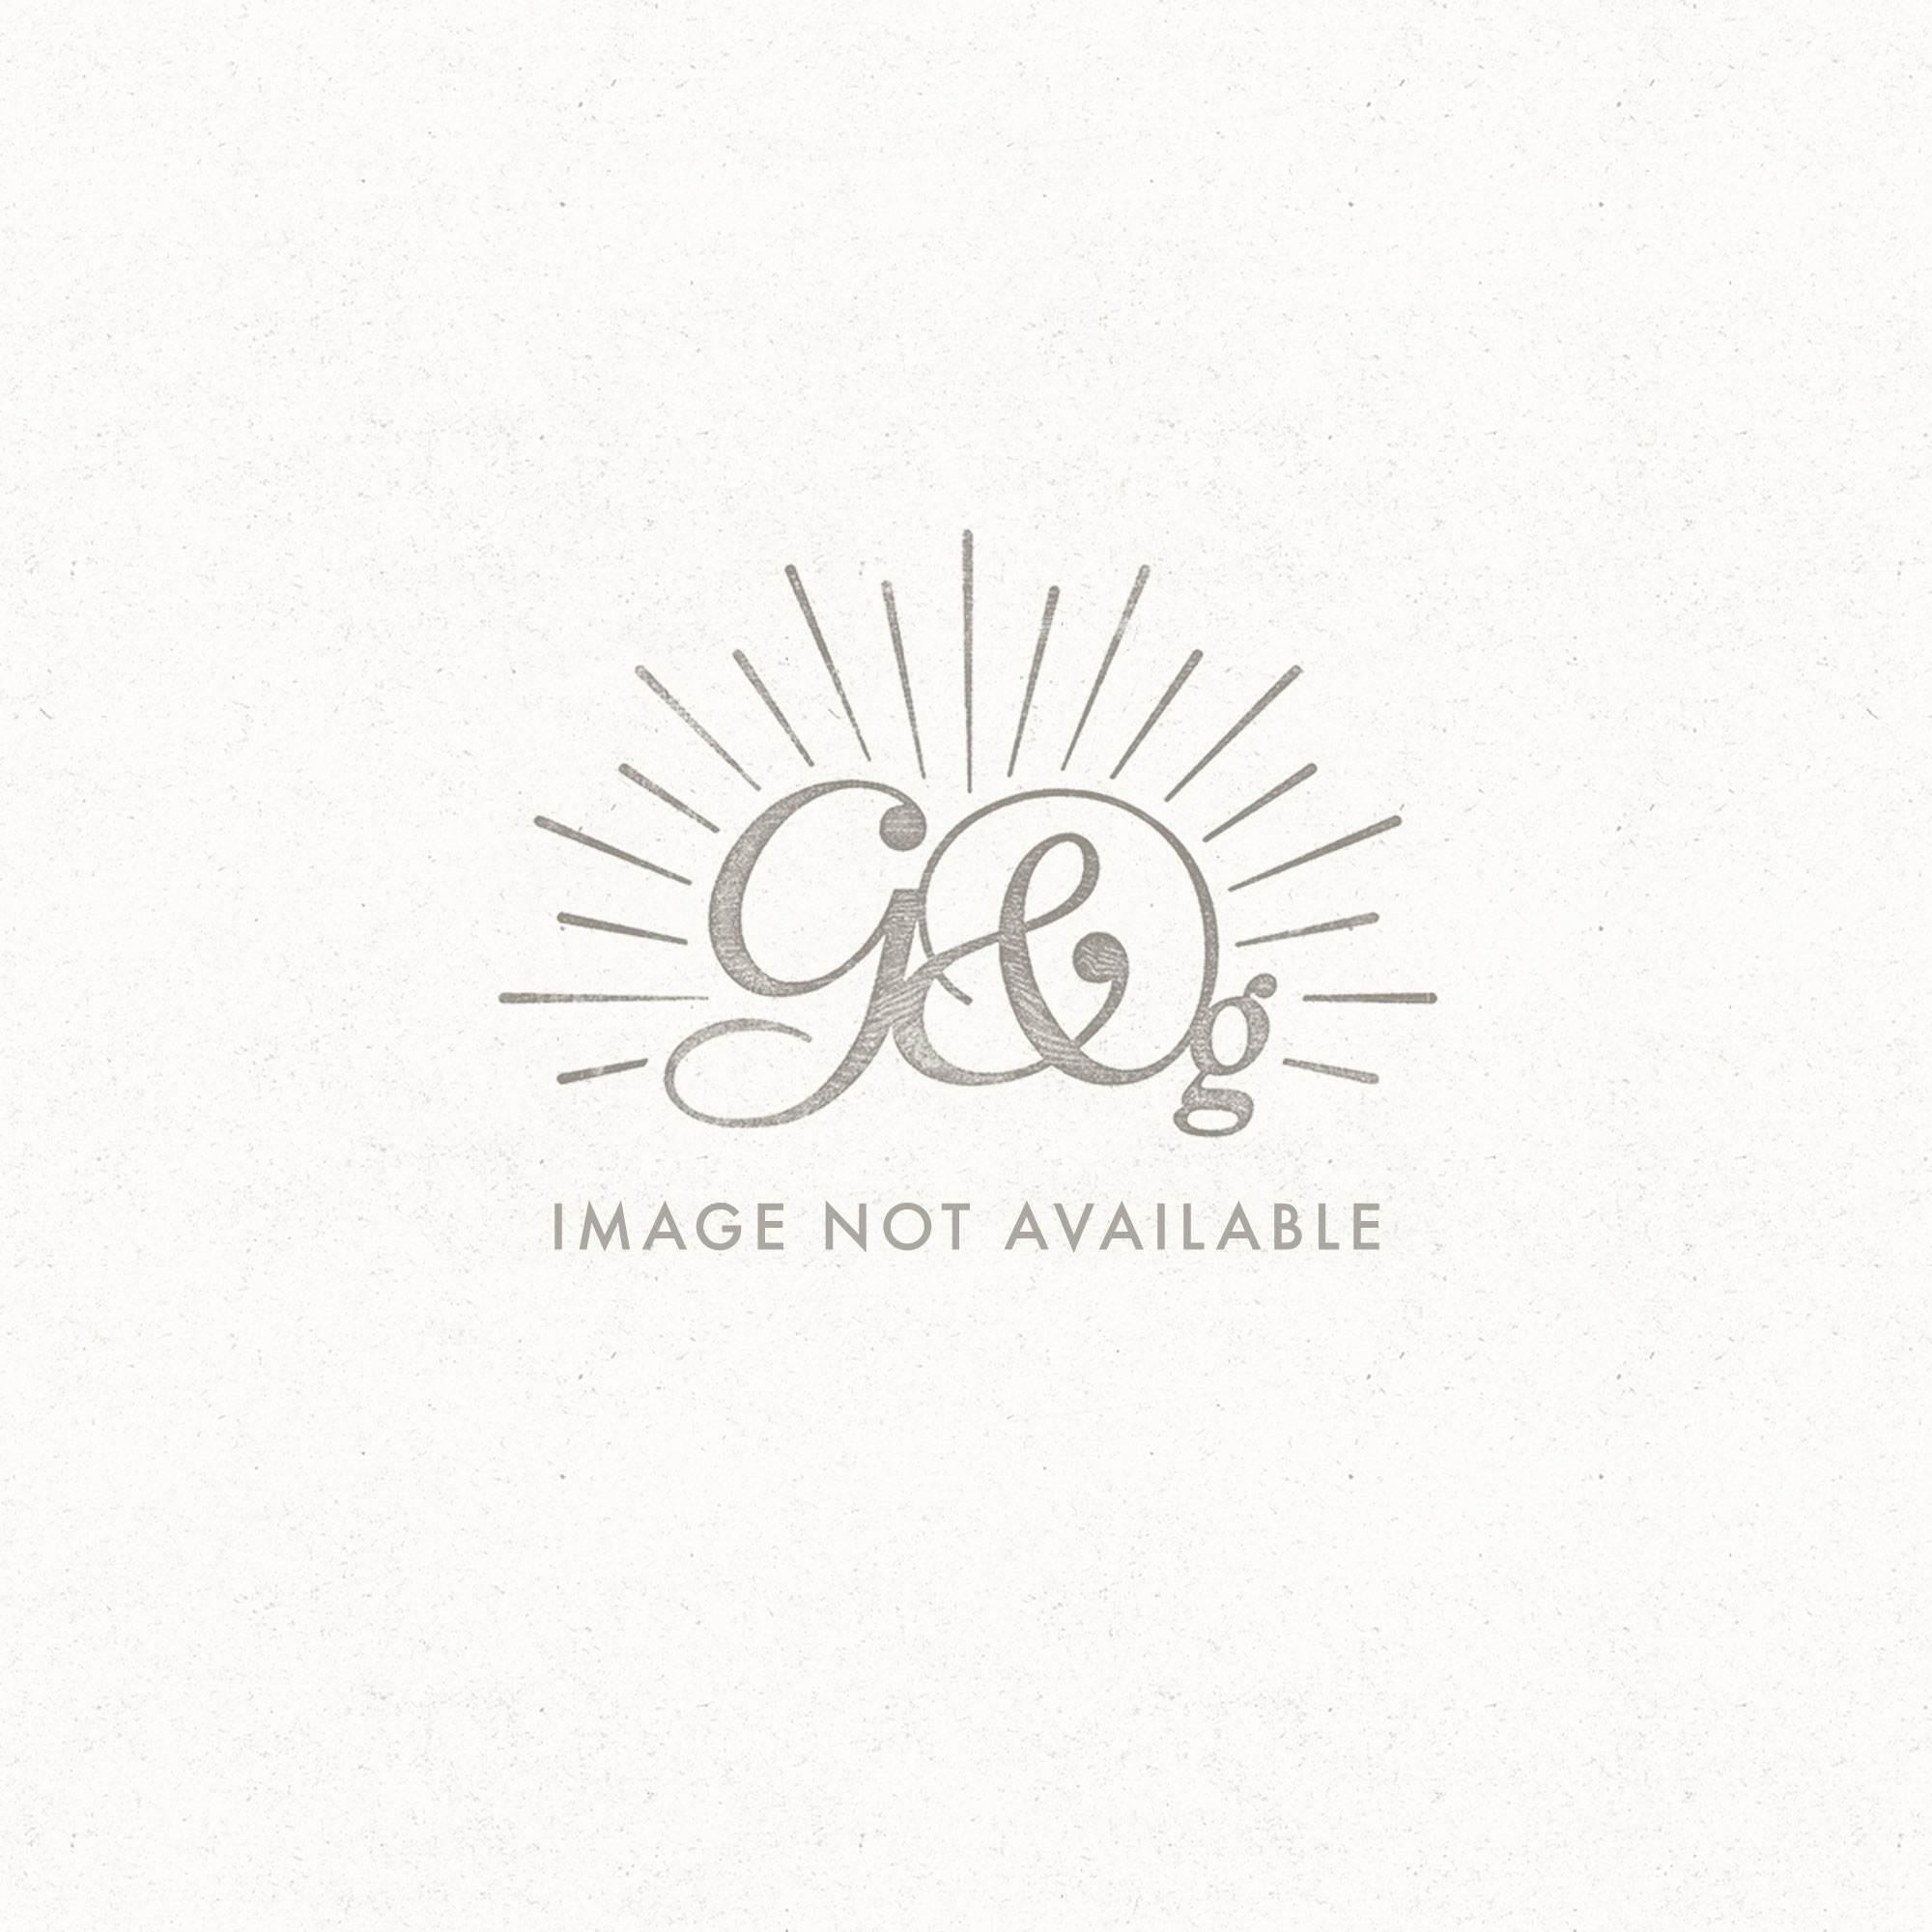 Monochrome Pattern Placemat - Thumbnail